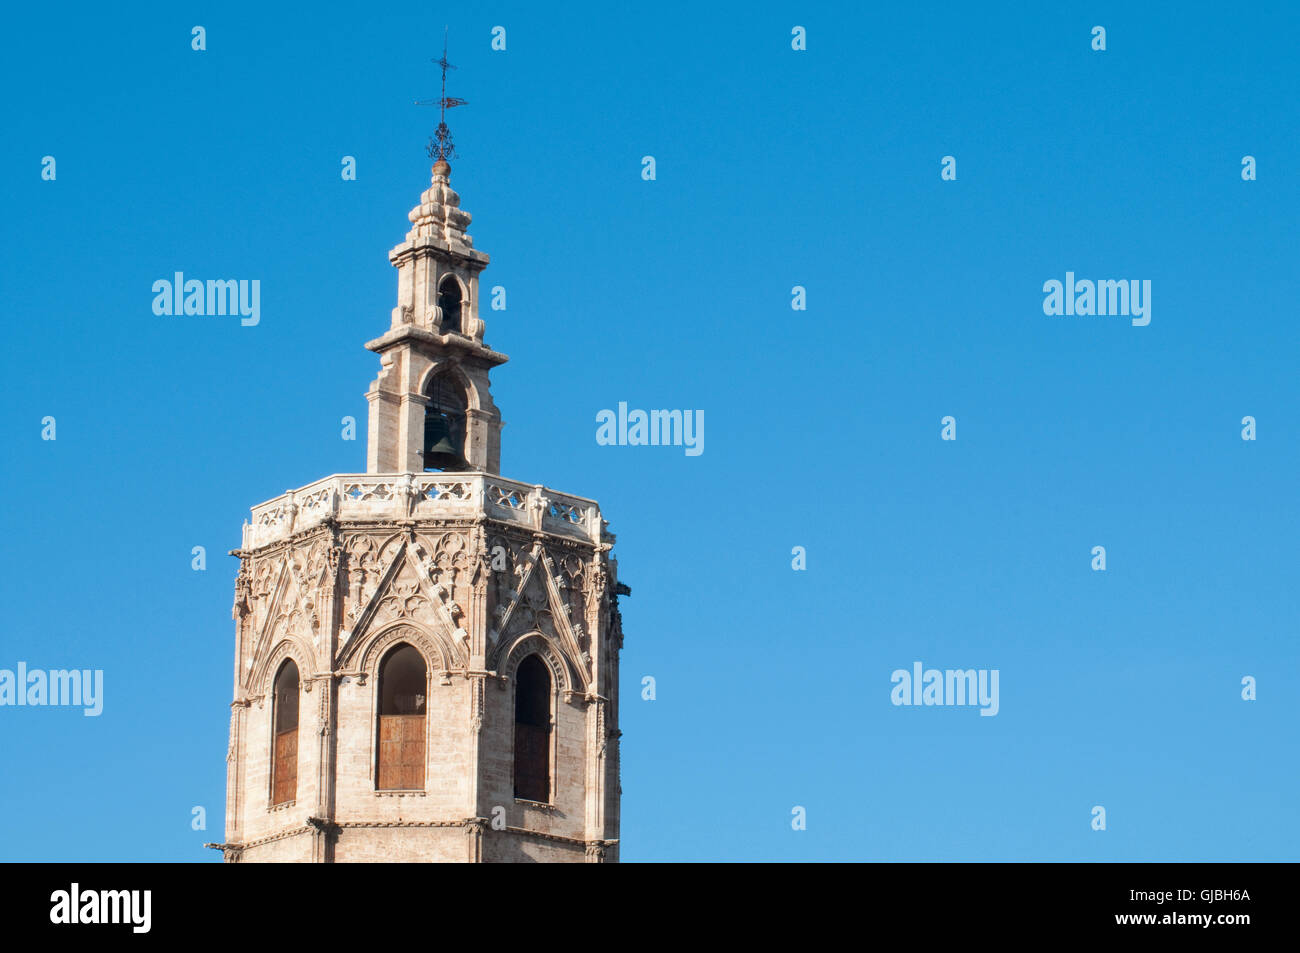 The Micalet. Valencia, Comunidad Valenciana, Spain. Stock Photo